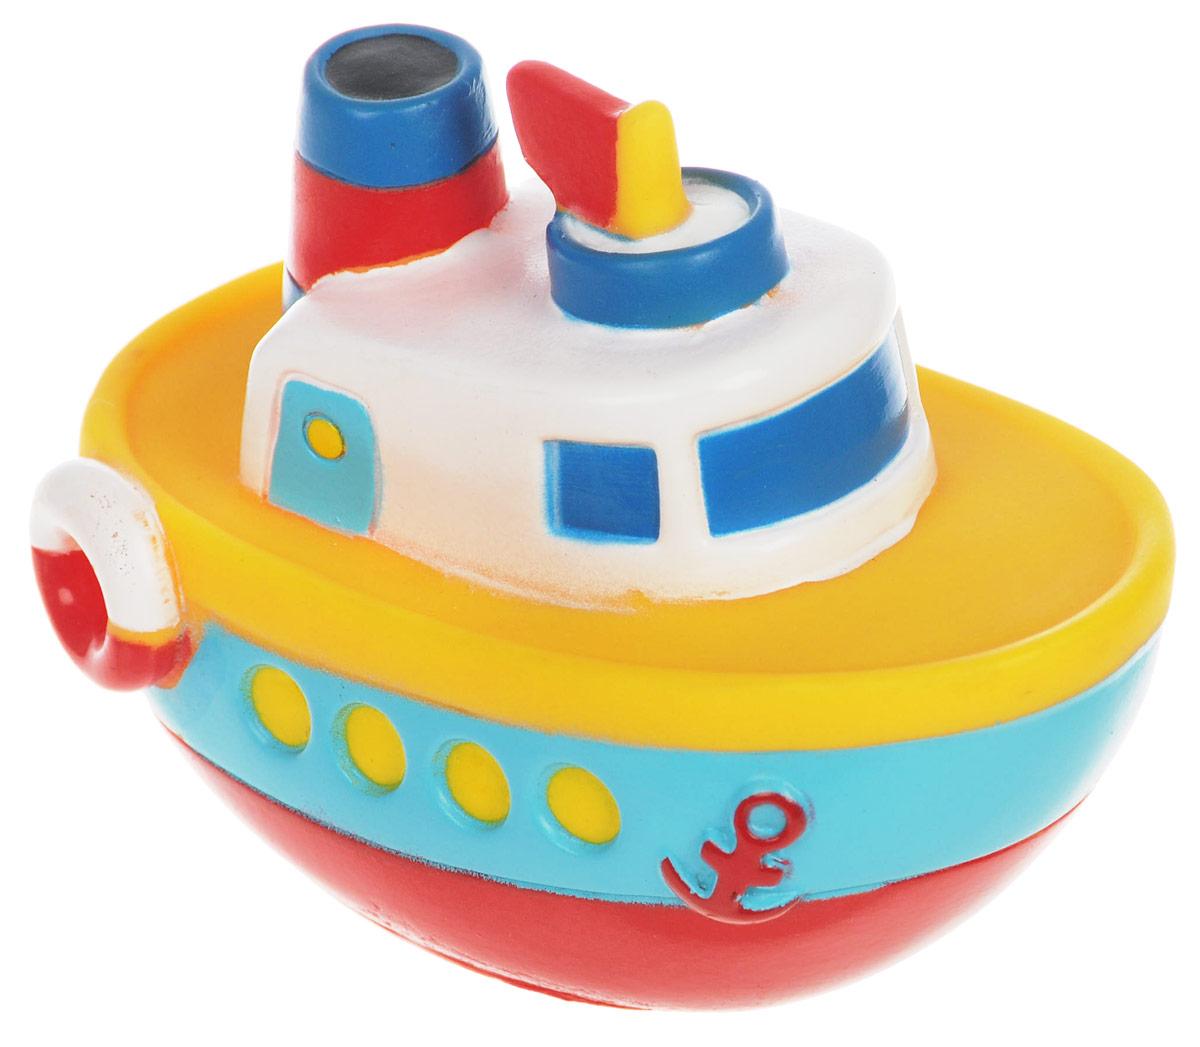 Играем вместе Игрушка для ванной Кораблик20R-LSИгрушка для ванной Играем вместе Кораблик светится и поет веселую песенку на стихи Агнии Барто. Выполнена игрушка очень тщательно и качественно. Герметичный корпус защищает механизм и элементы питания от попадания воды, поэтому ребенок может смело опускать задорную игрушку в воду. Сделайте вашему малышу такой замечательный подарок!